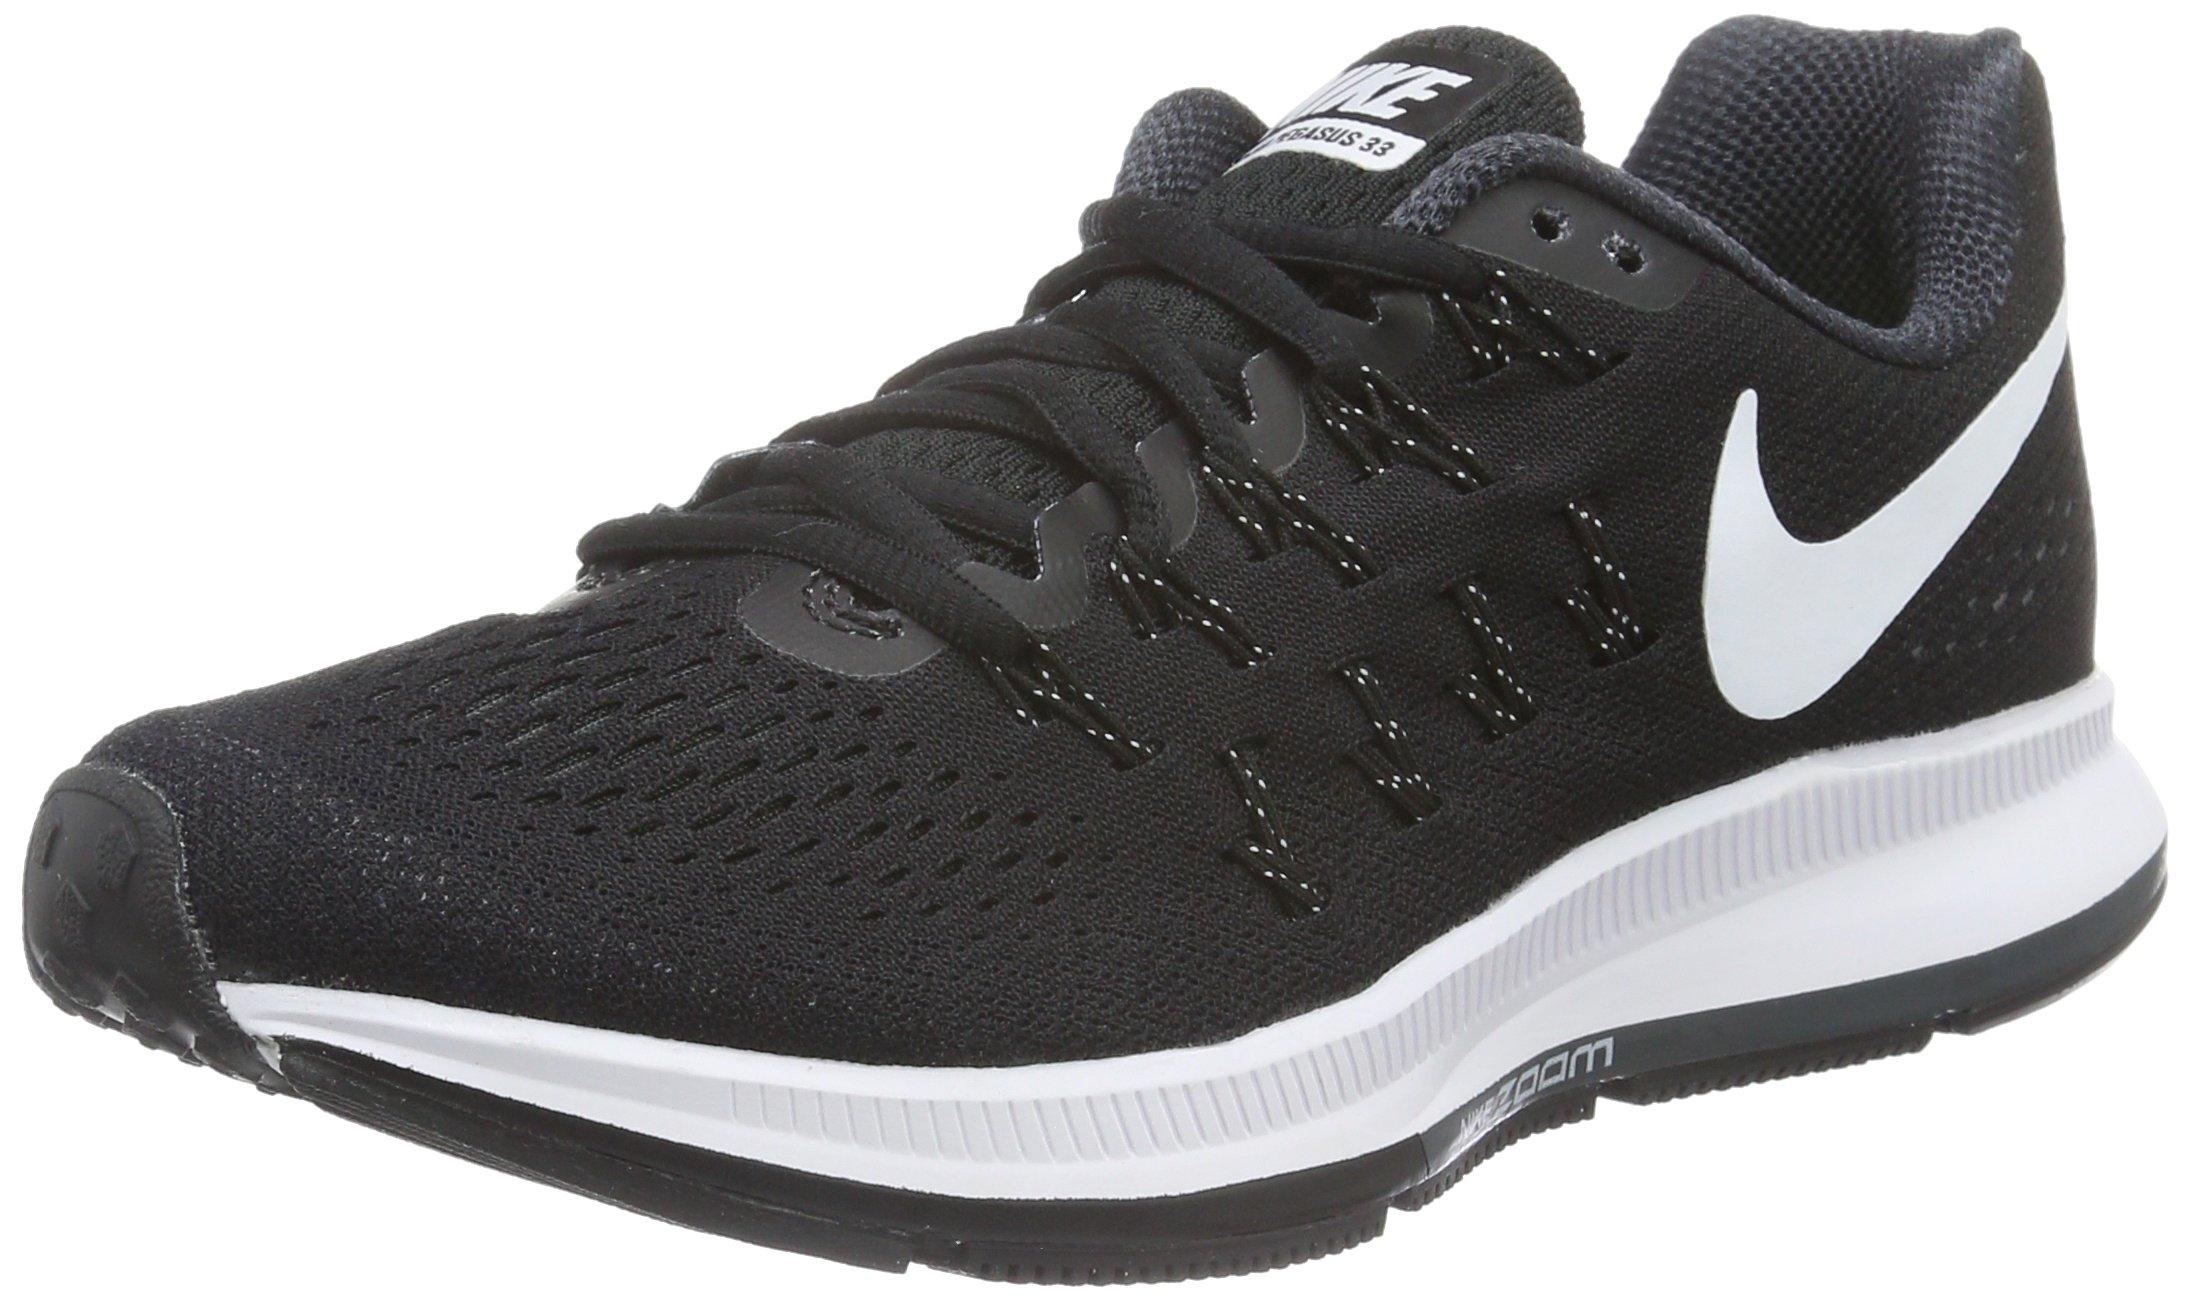 Nike Women's Air Zoom Pegasus 33 Black/White/Anthracite/CL Grey Running Shoe 5.5 Women US